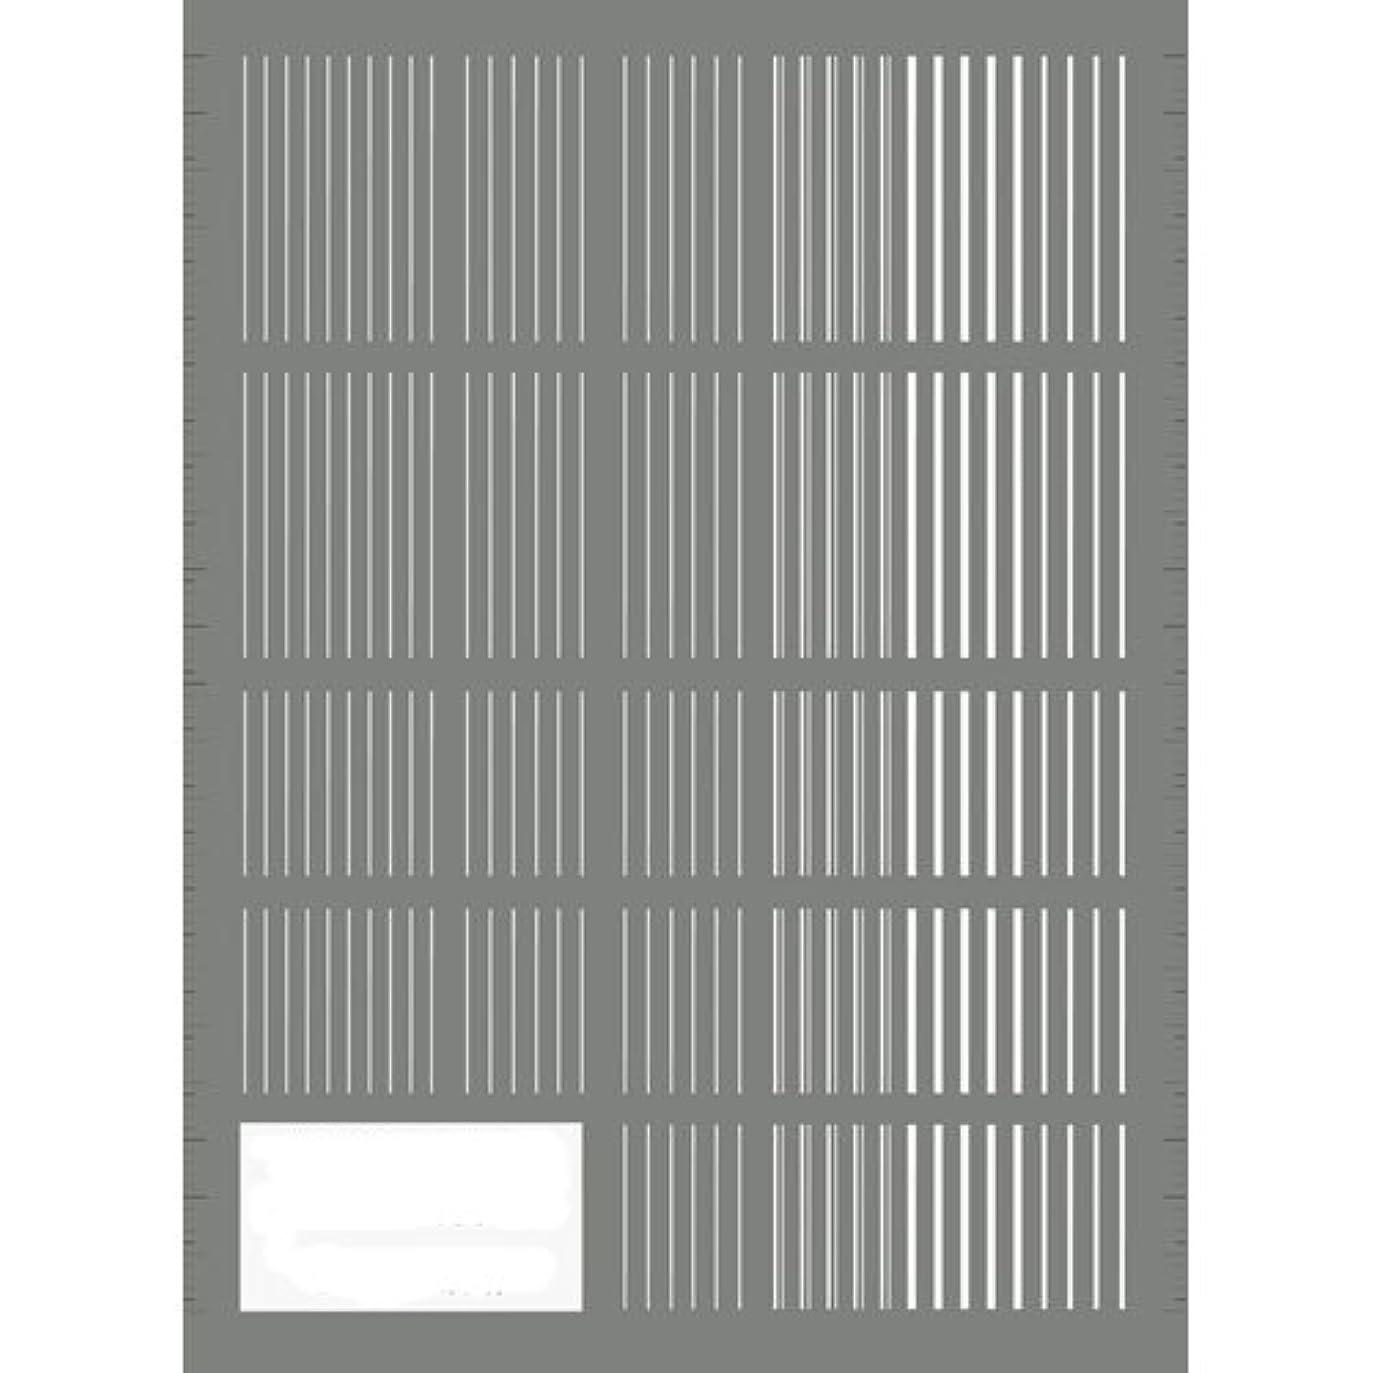 サンドイッチニコチンペストリーツメキラ(TSUMEKIRA) ネイル用シール ピンストライプ ホワイト NN-PIN-101